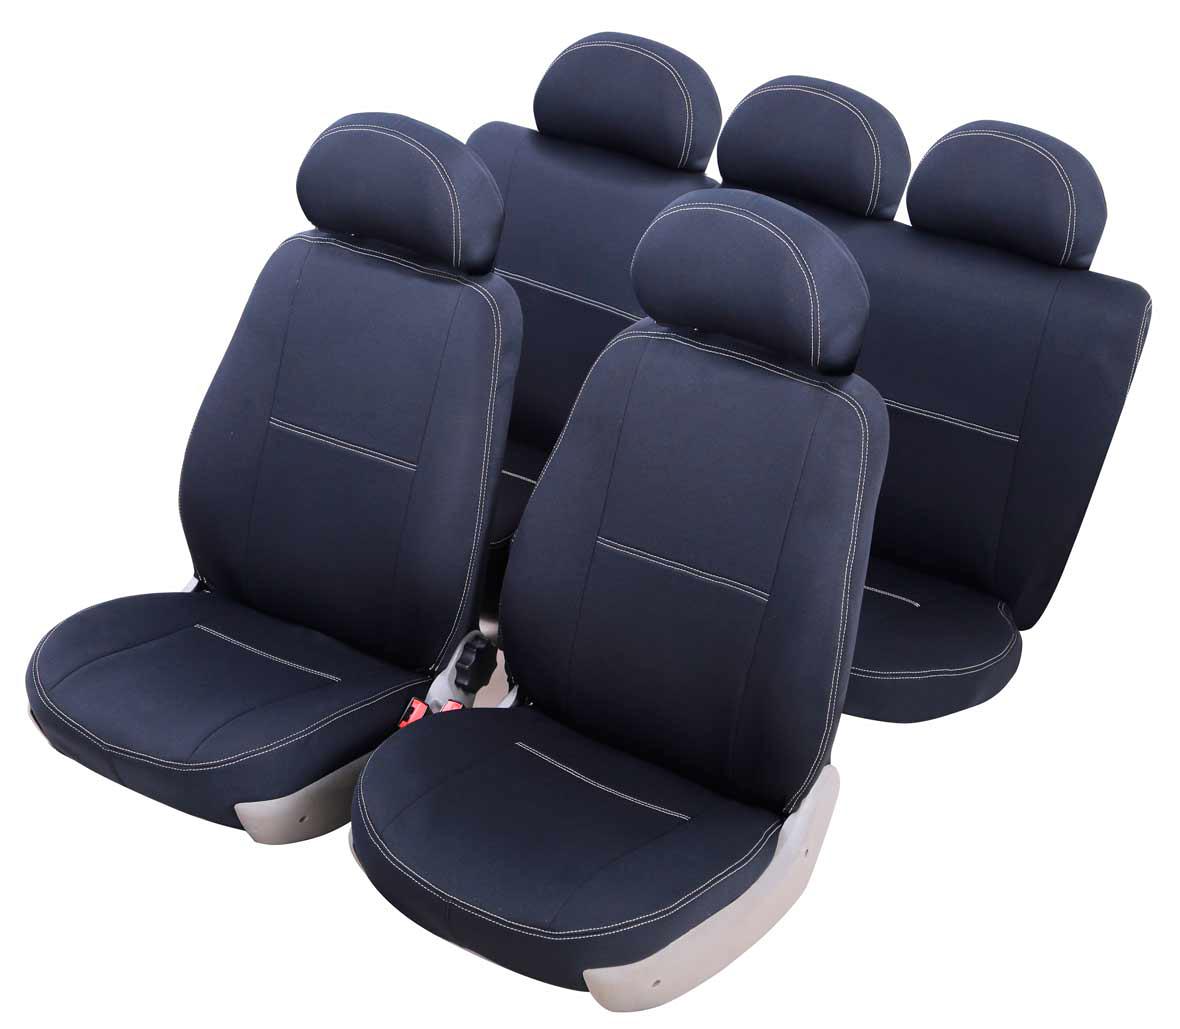 Чехол на автокресло Azard Standard, VW Polo (2009-н.в), седан, раздельный задний рядFS-80423Модельные чехлы из полиэстера Azard Standard. Разработаны в РФ индивидуально для каждого автомобиля.Чехлы Azard Standard серийно выпускаются на собственном швейном производстве в России.Чехлы идеально повторяют штатную форму сидений и выглядят как оригинальная обивка сидений. Для простоты установки используется липучка Velcro, учтены все технологические отверстия.Чехлы сохраняют полную функциональность салона – трасформация сидений, возможность установки детских кресел ISOFIX, не препятствуют работе подушек безопасности AIRBAG и подогрева сидений.Дизайн чехлов Azard Standard приближен к оригинальной обивке салона. Декоративная контрастная прострочка по периметру авточехлов придает стильный и изысканный внешний вид интерьеру автомобиля.Чехлы Azard Standard изготовлены из полиэстера, триплированного огнеупорным поролоном толщиной 3 мм, за счет чего чехол приобретает дополнительную мягкость. Подложка из спандбонда сохраняет свойства поролона и предотвращает его разрушение.Авточехлы Azard Standard просты в уходе – загрязнения легко удаляются влажной тканью.